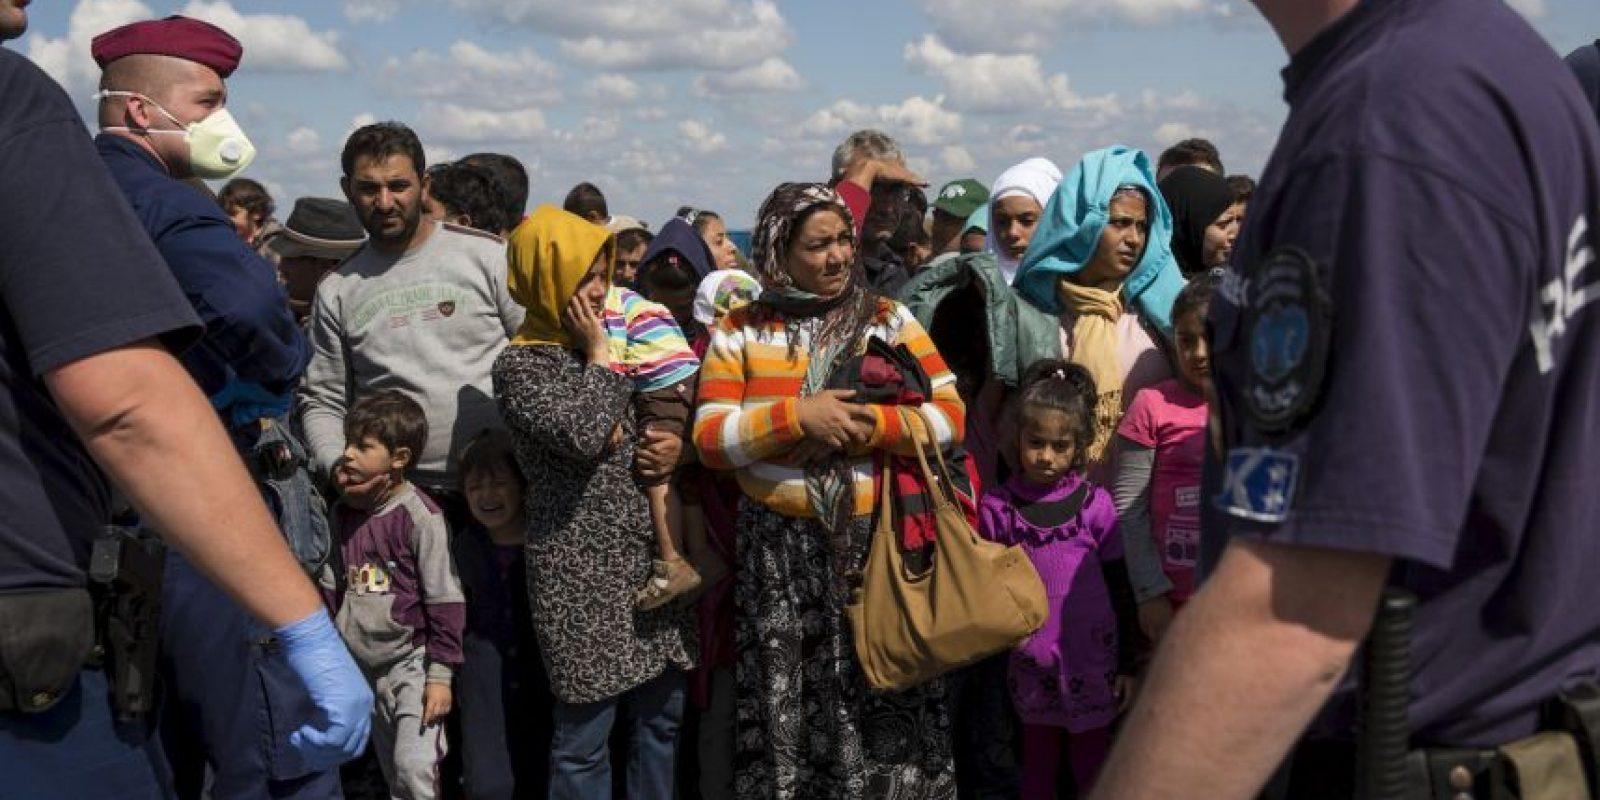 Estos han arriesgado sus vidas para llegar a Europa. Foto:Getty Images